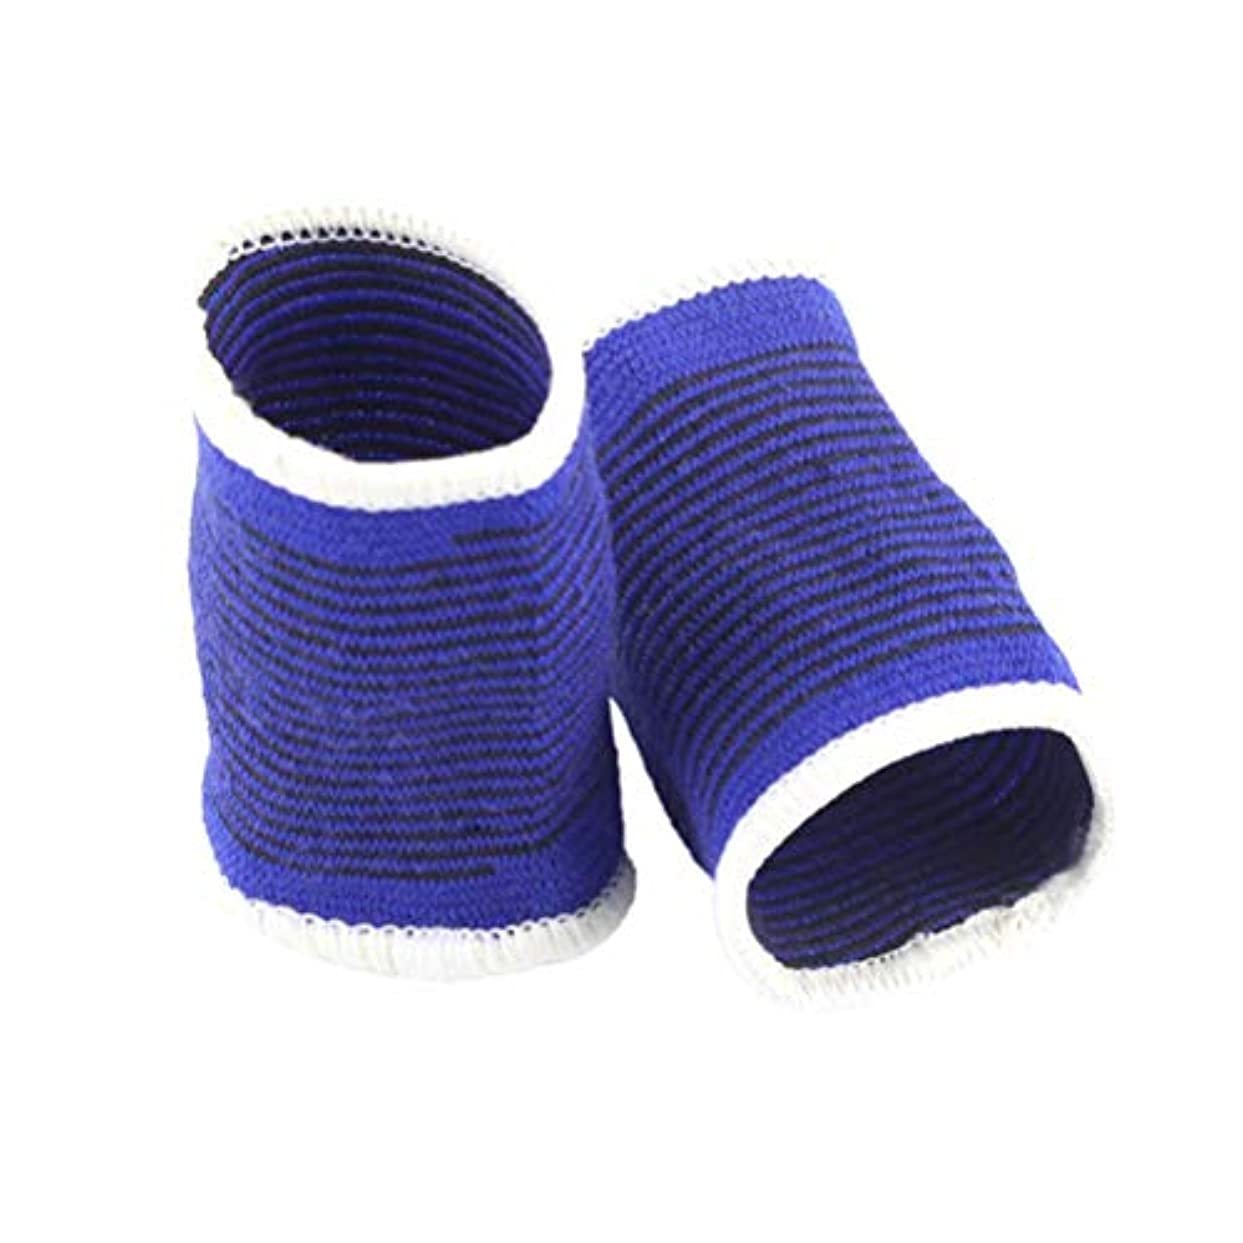 代表暖かさアグネスグレイSUPVOX リストバンド弾性伸縮性汗止めバンドニット手首サポート1ペア